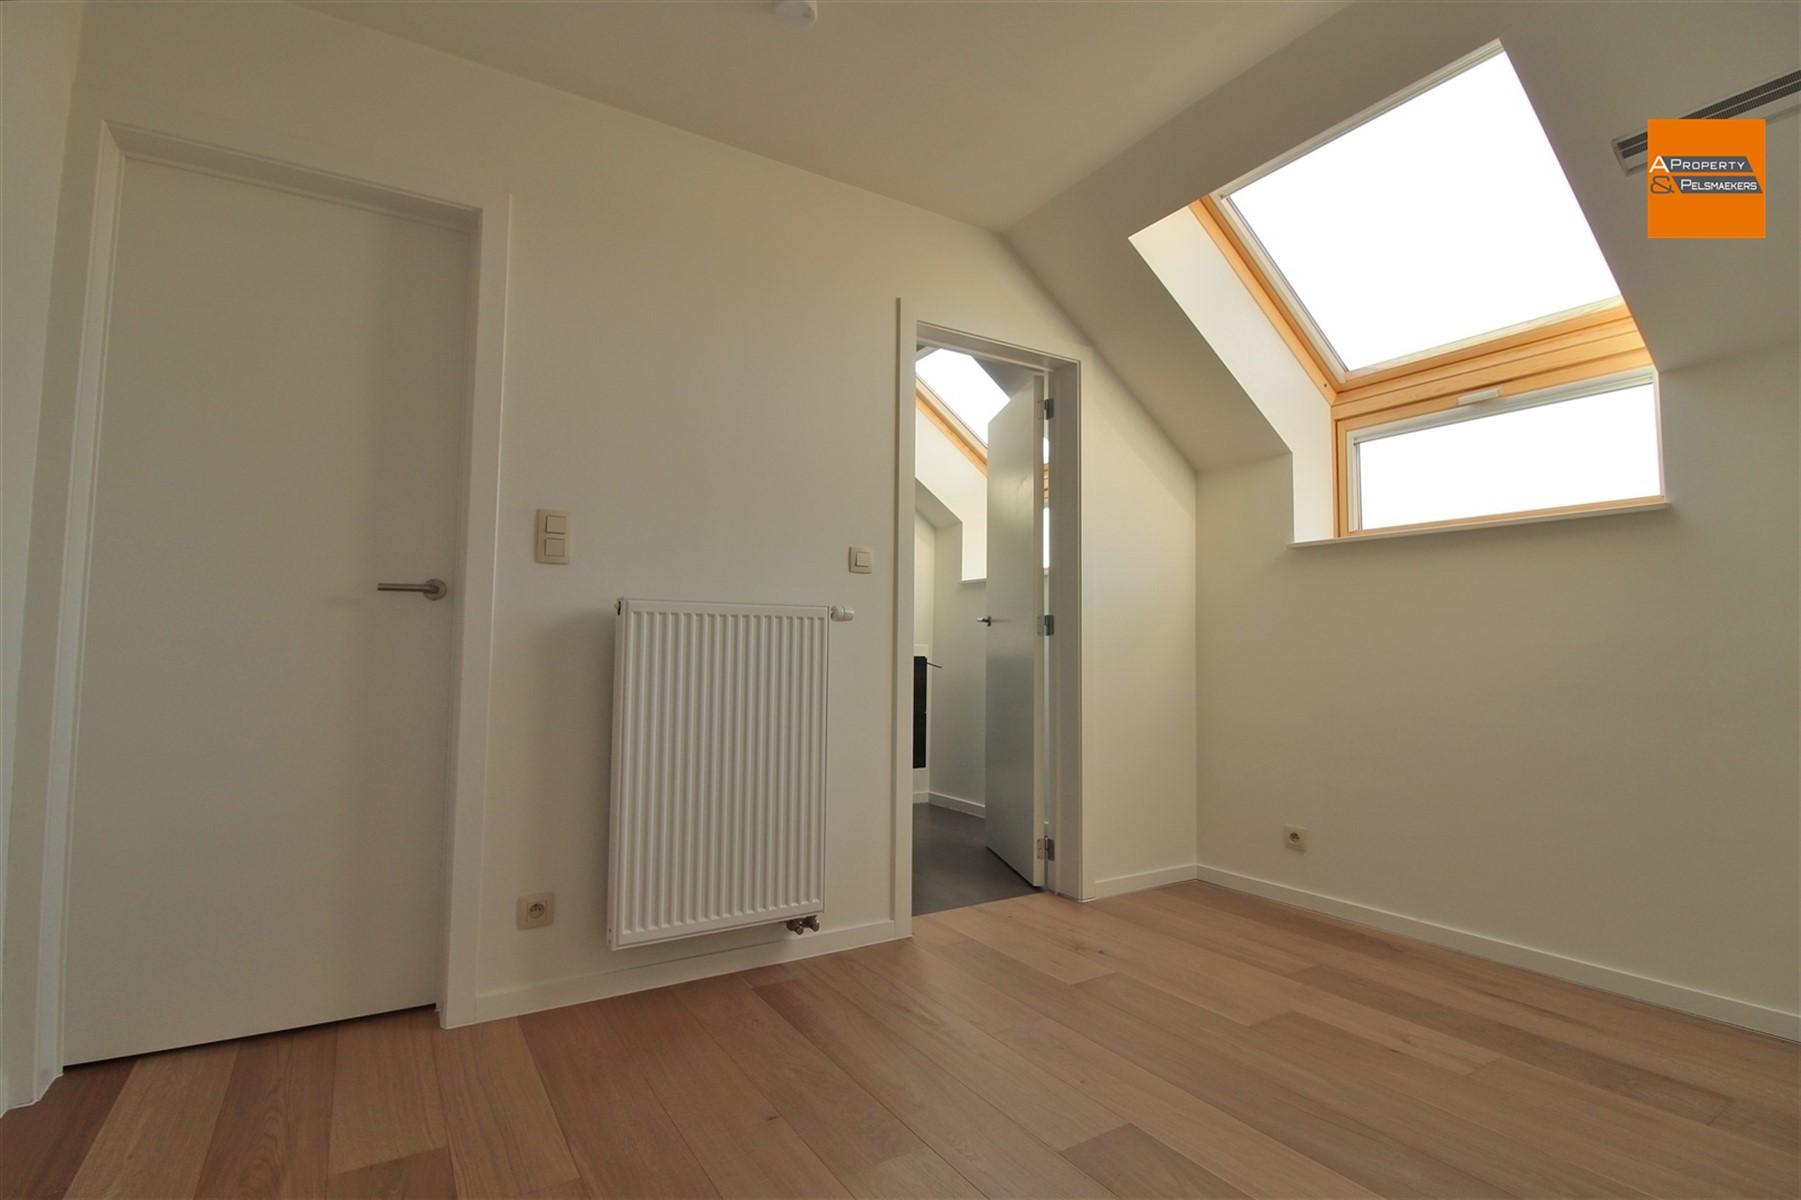 Image 15 : Appartement à 3078 MEERBEEK (Belgique) - Prix 284.000 €